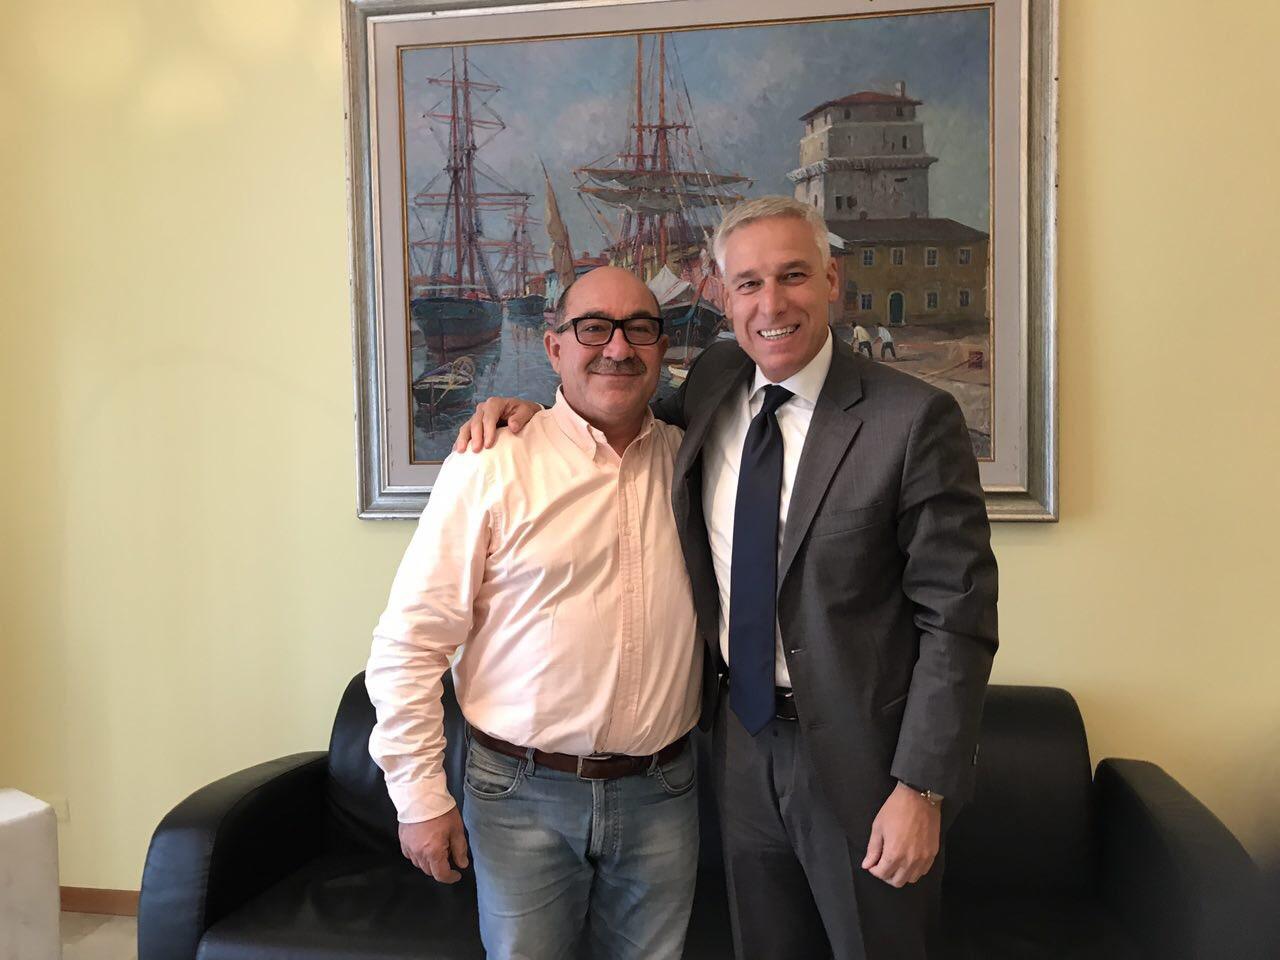 Buon compleanno Cgc, l'incontro fra il sindaco Del Ghingaro e il Presidente Palagi